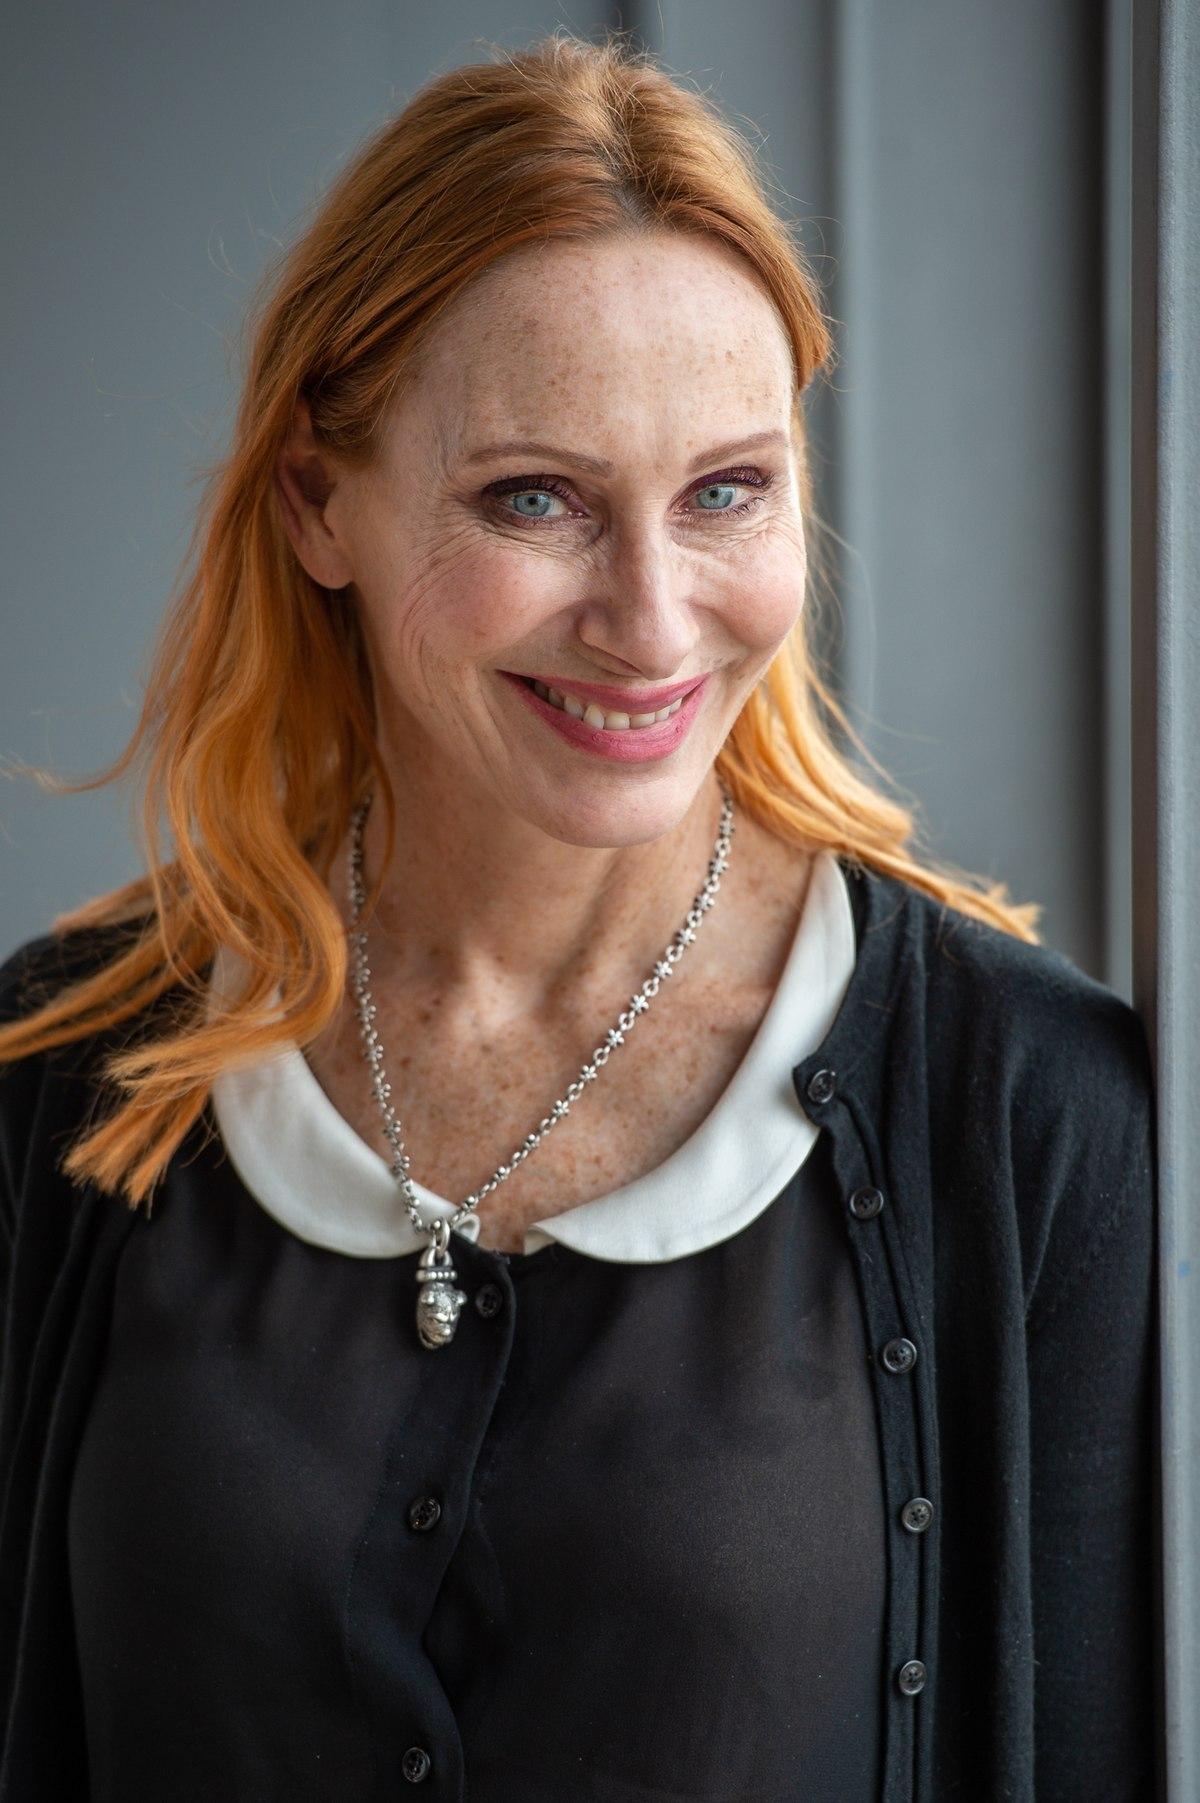 Andrea Sawatzky